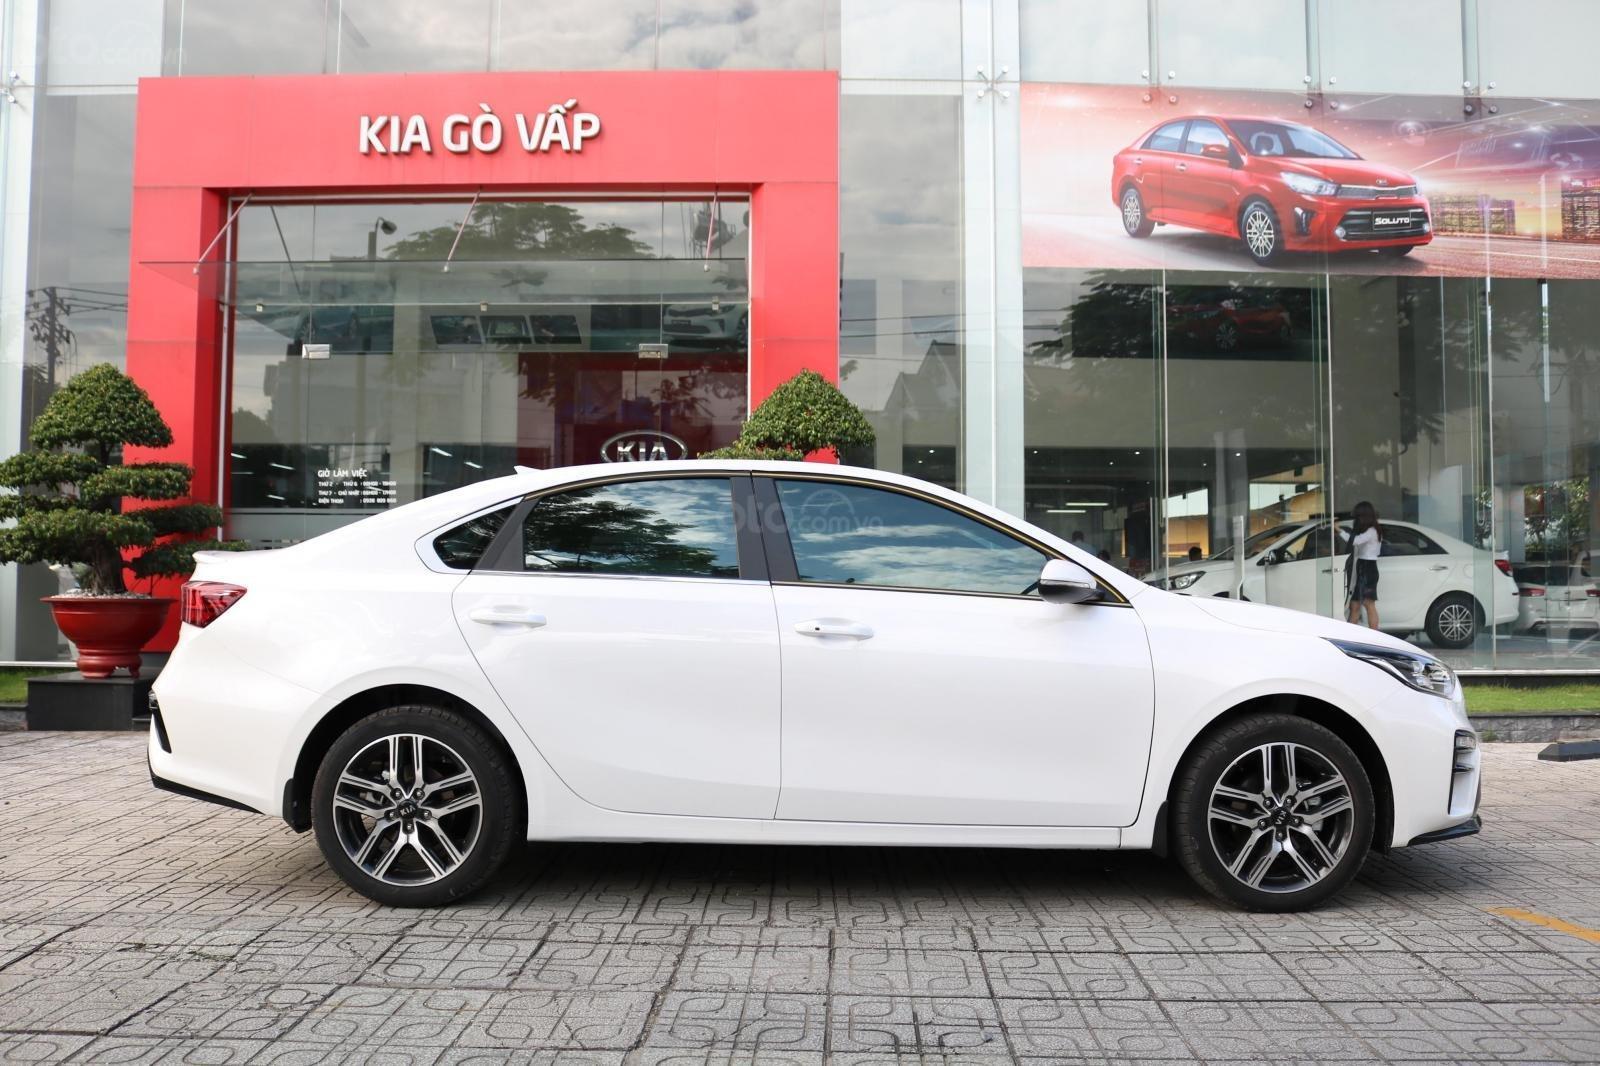 Kia Cerato 2019 - Màu trắng - mới 100% - giá tốt huyện Củ Chi (4)